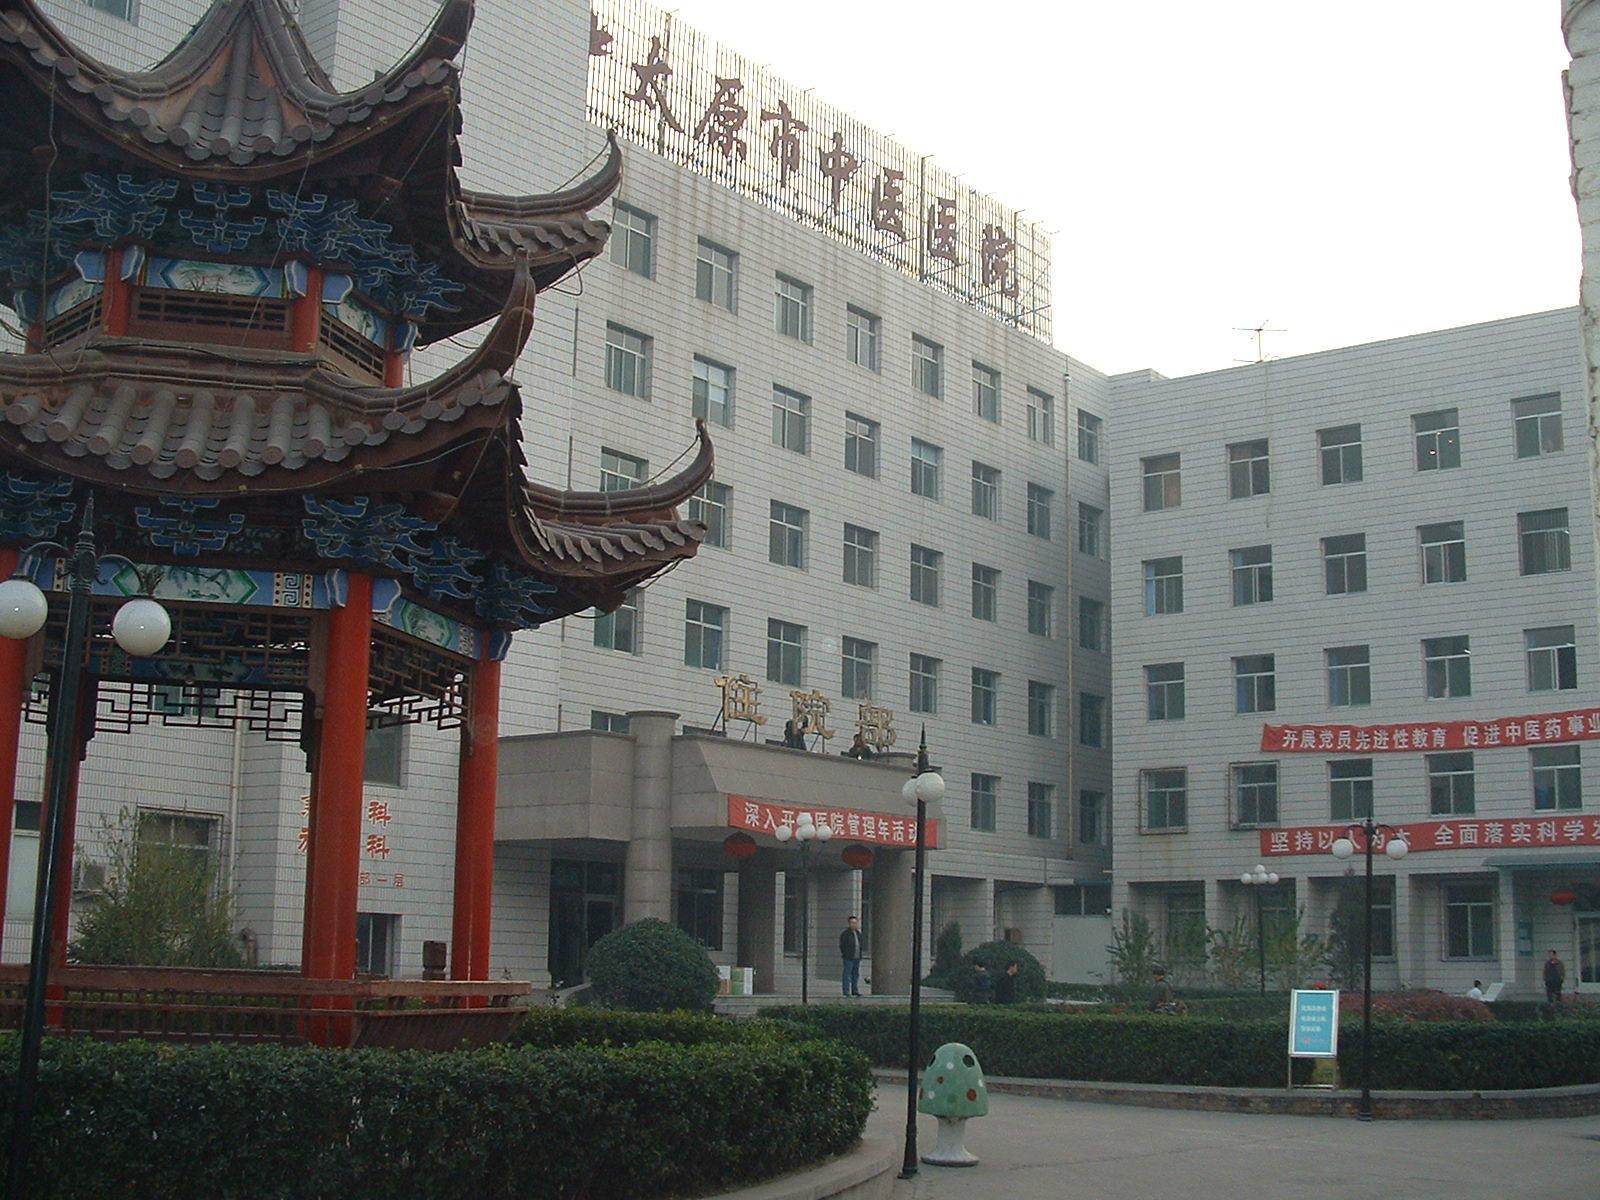 太原市中医医院 - 精彩山西 中国新闻 中国新闻